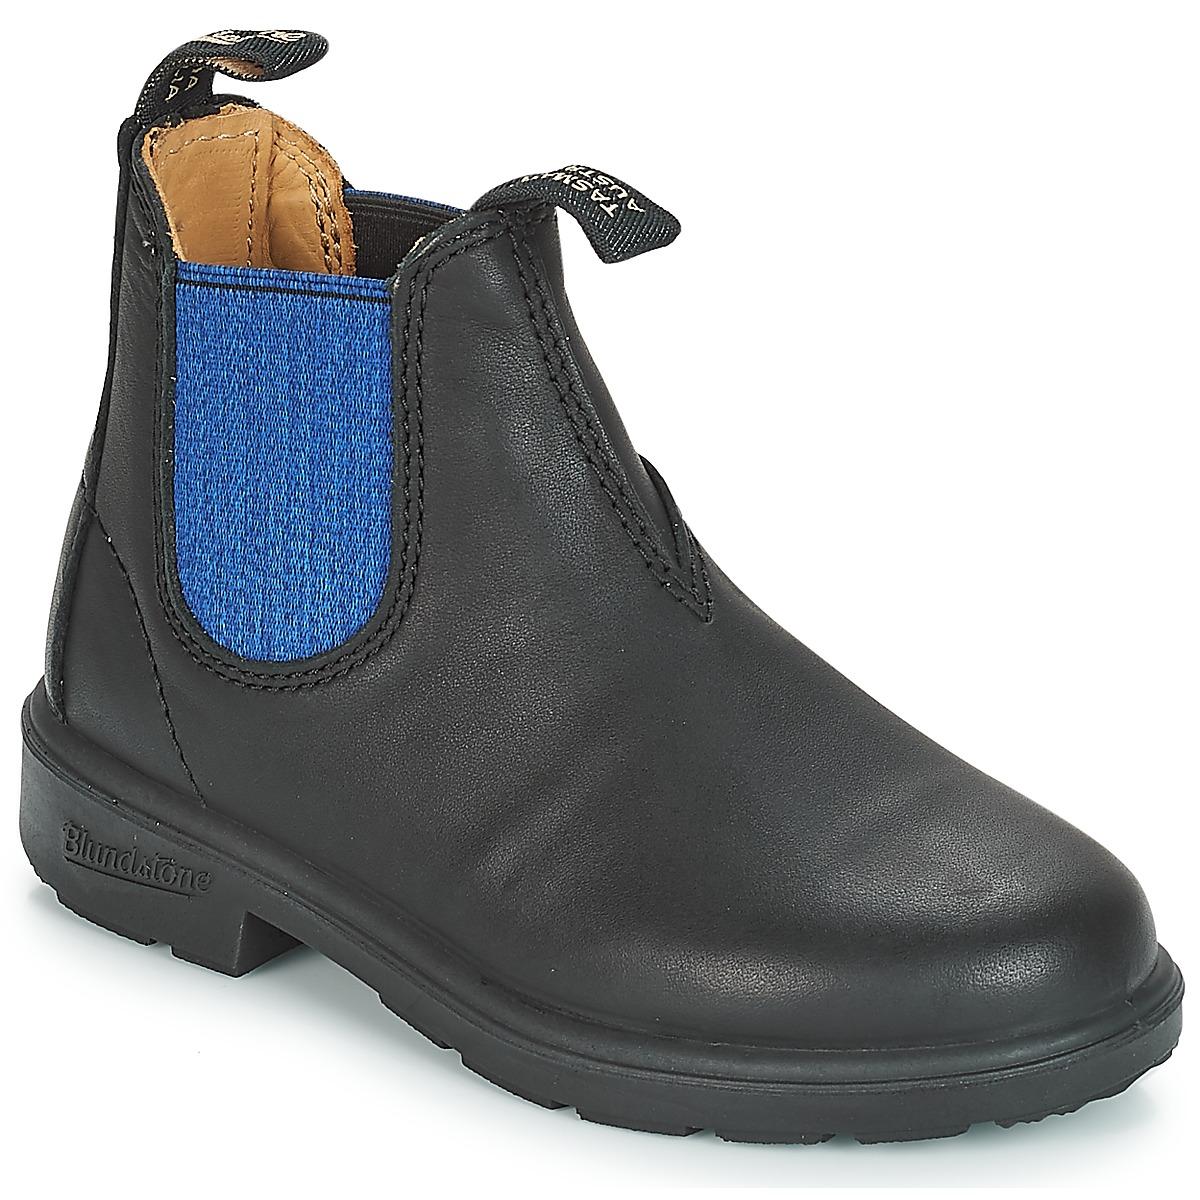 Støvler til børn Blundstone  KIDS BOOT